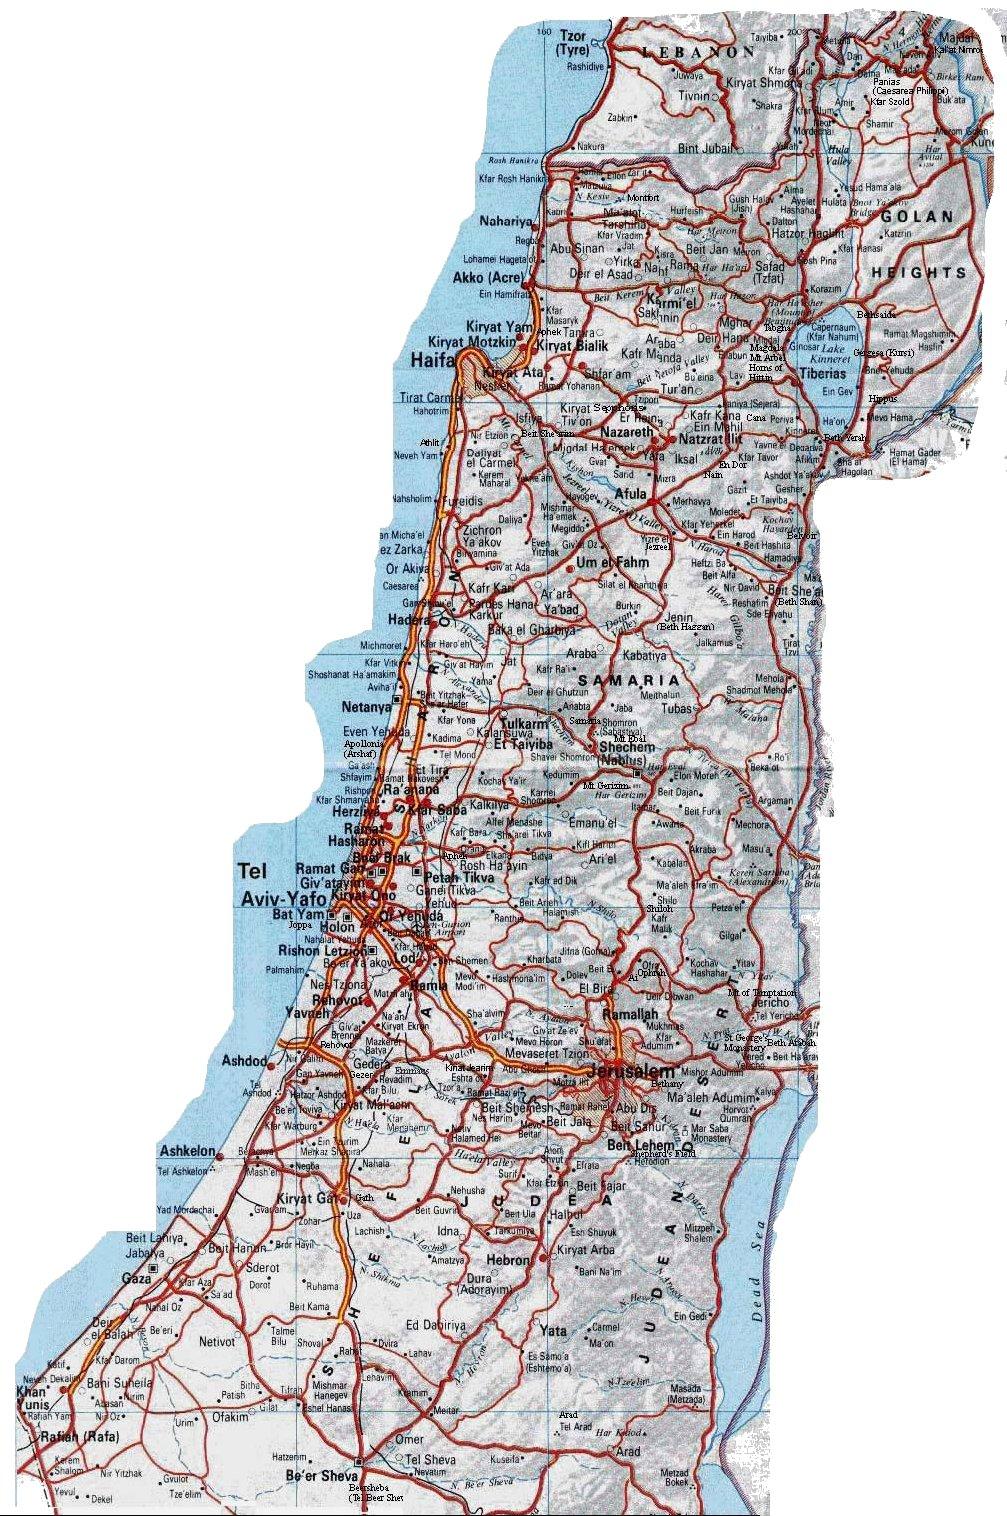 Dansk Israelsk Forening Dif Vejkort Over Israel Samaria